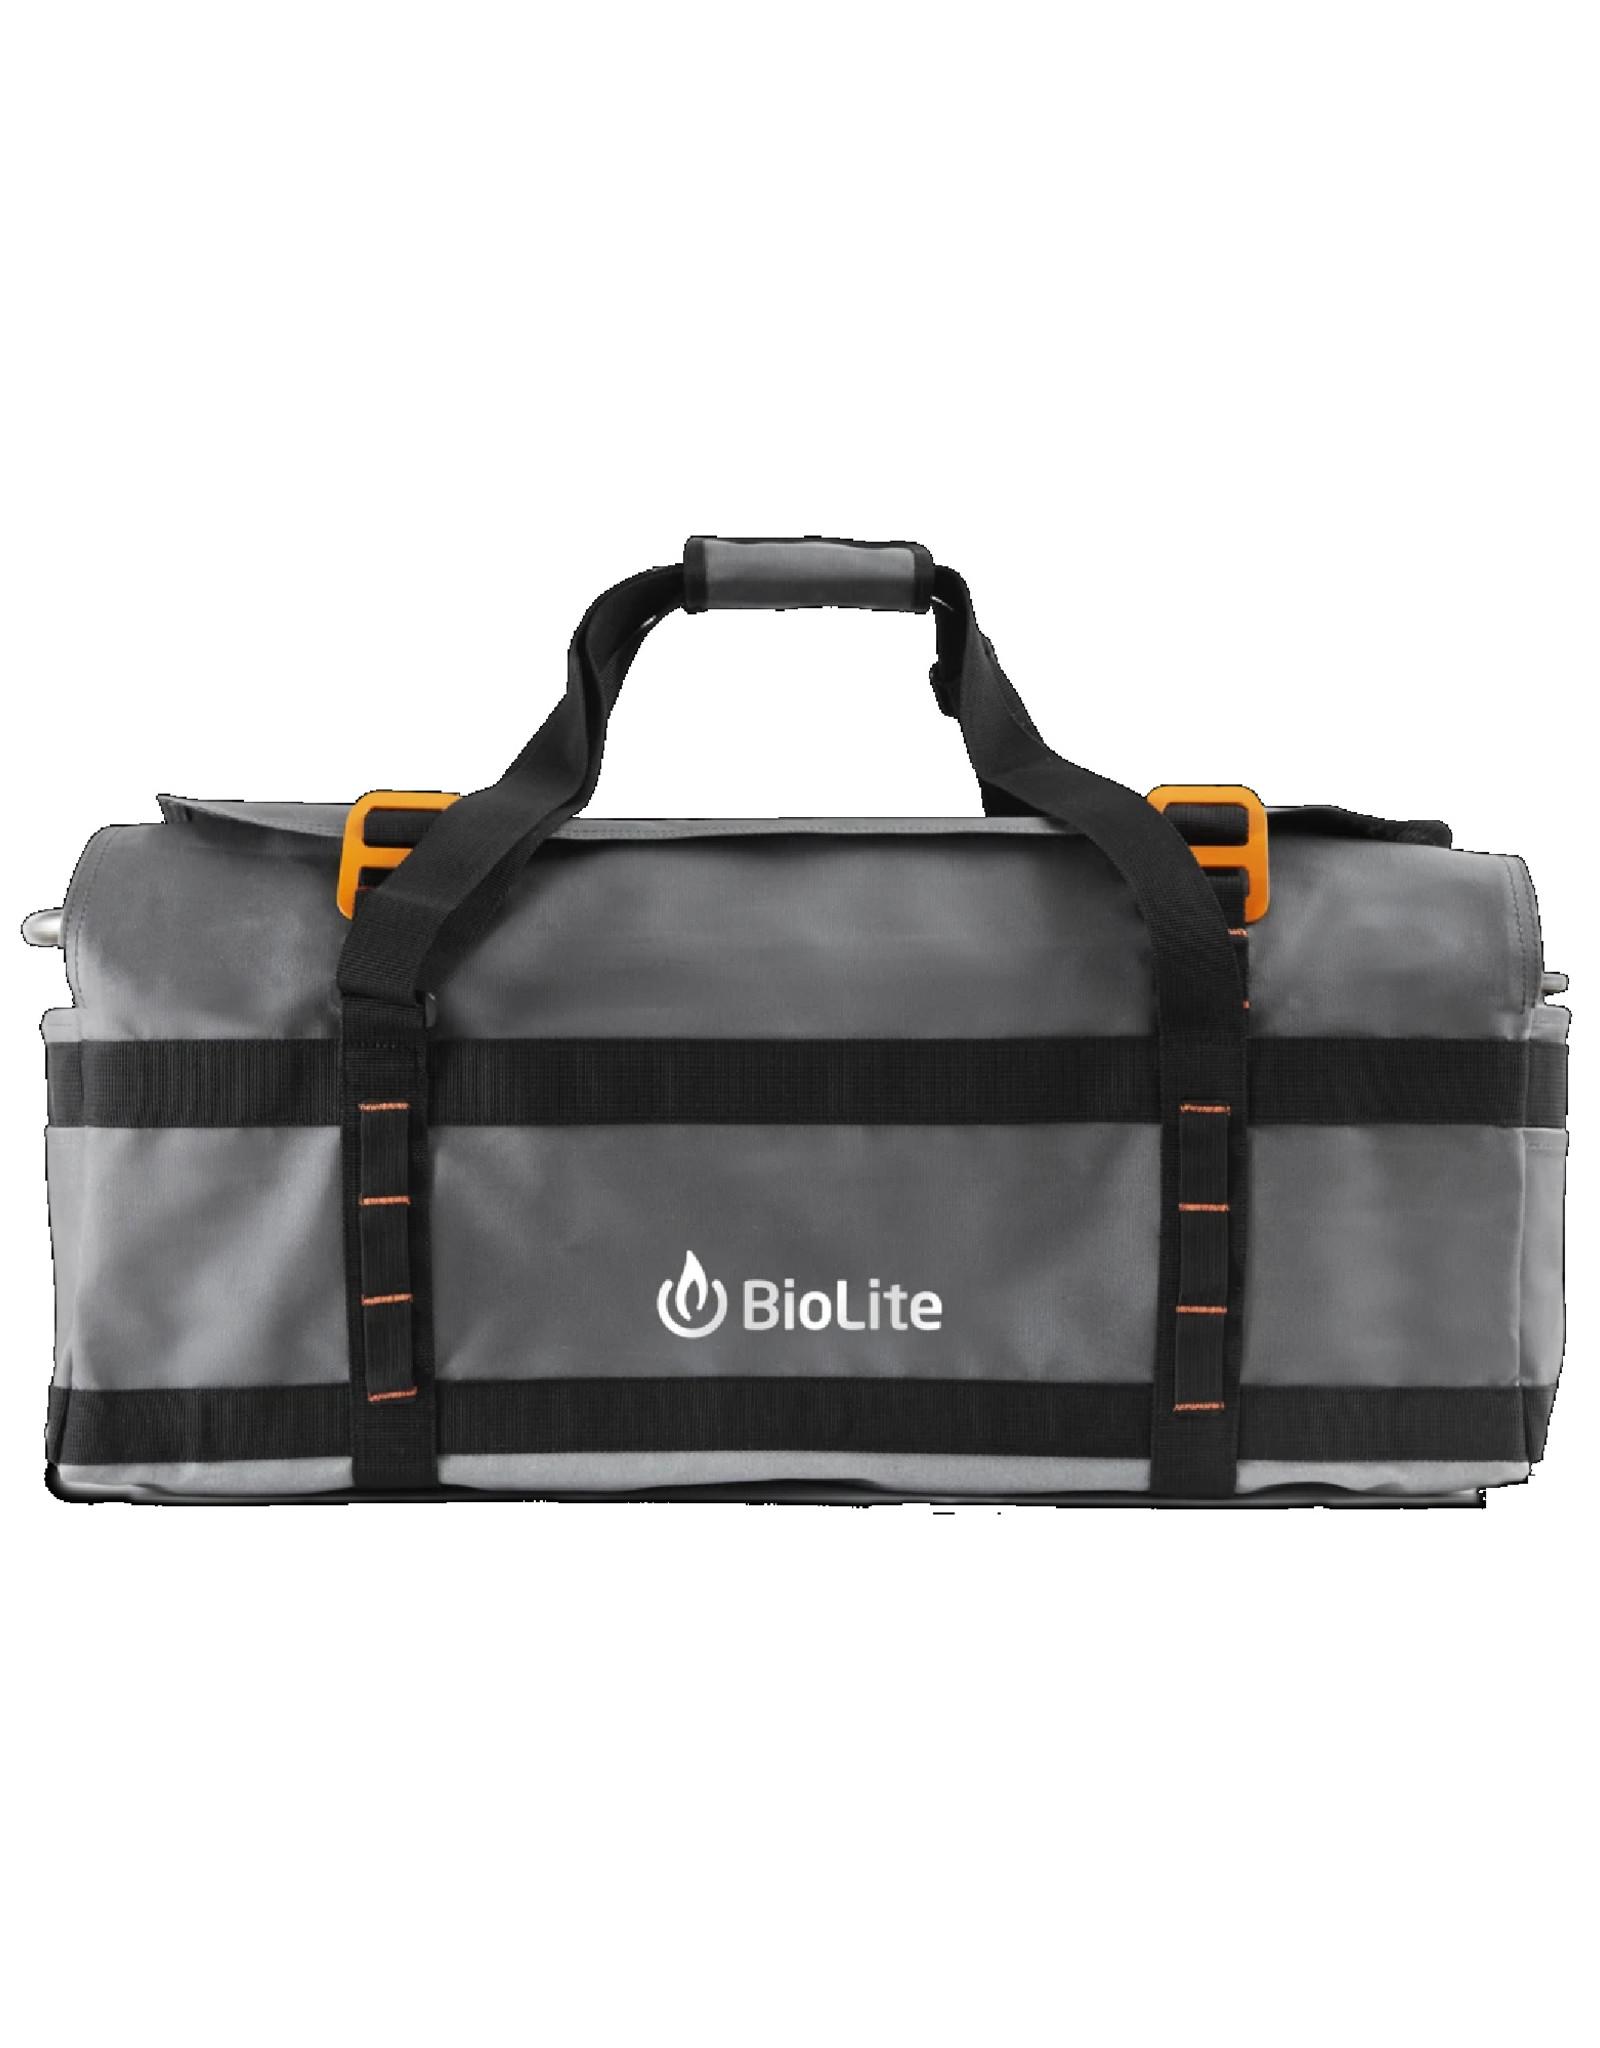 BioLite FirePit Carry Bag Biolite